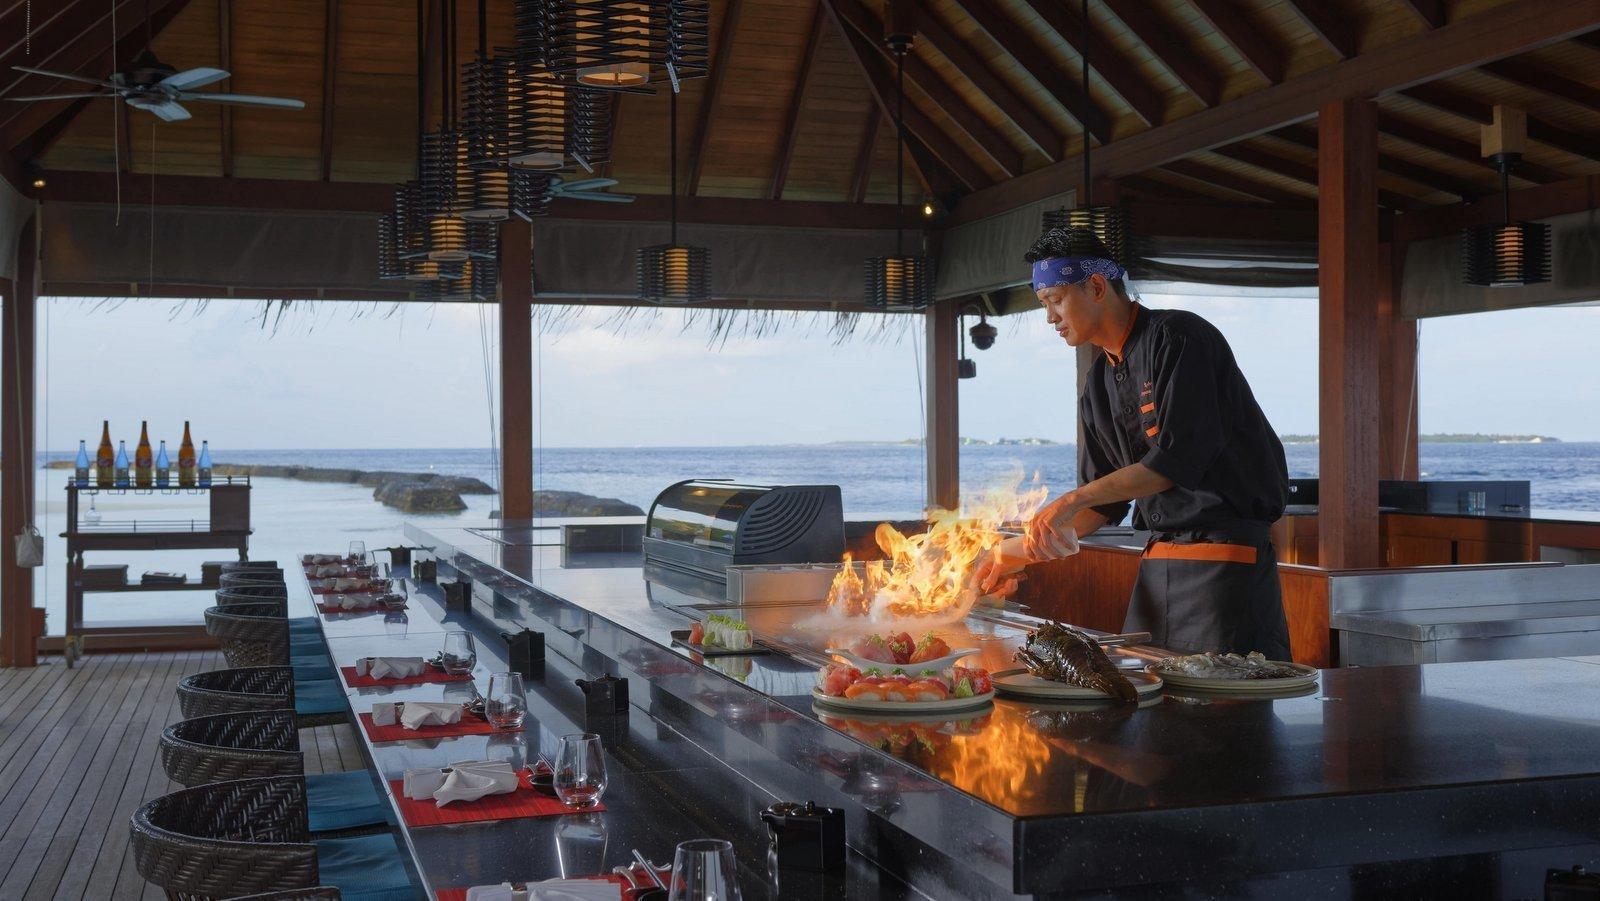 Мальдивы, отель Kurumba Maldives, ресторан Hamakaze